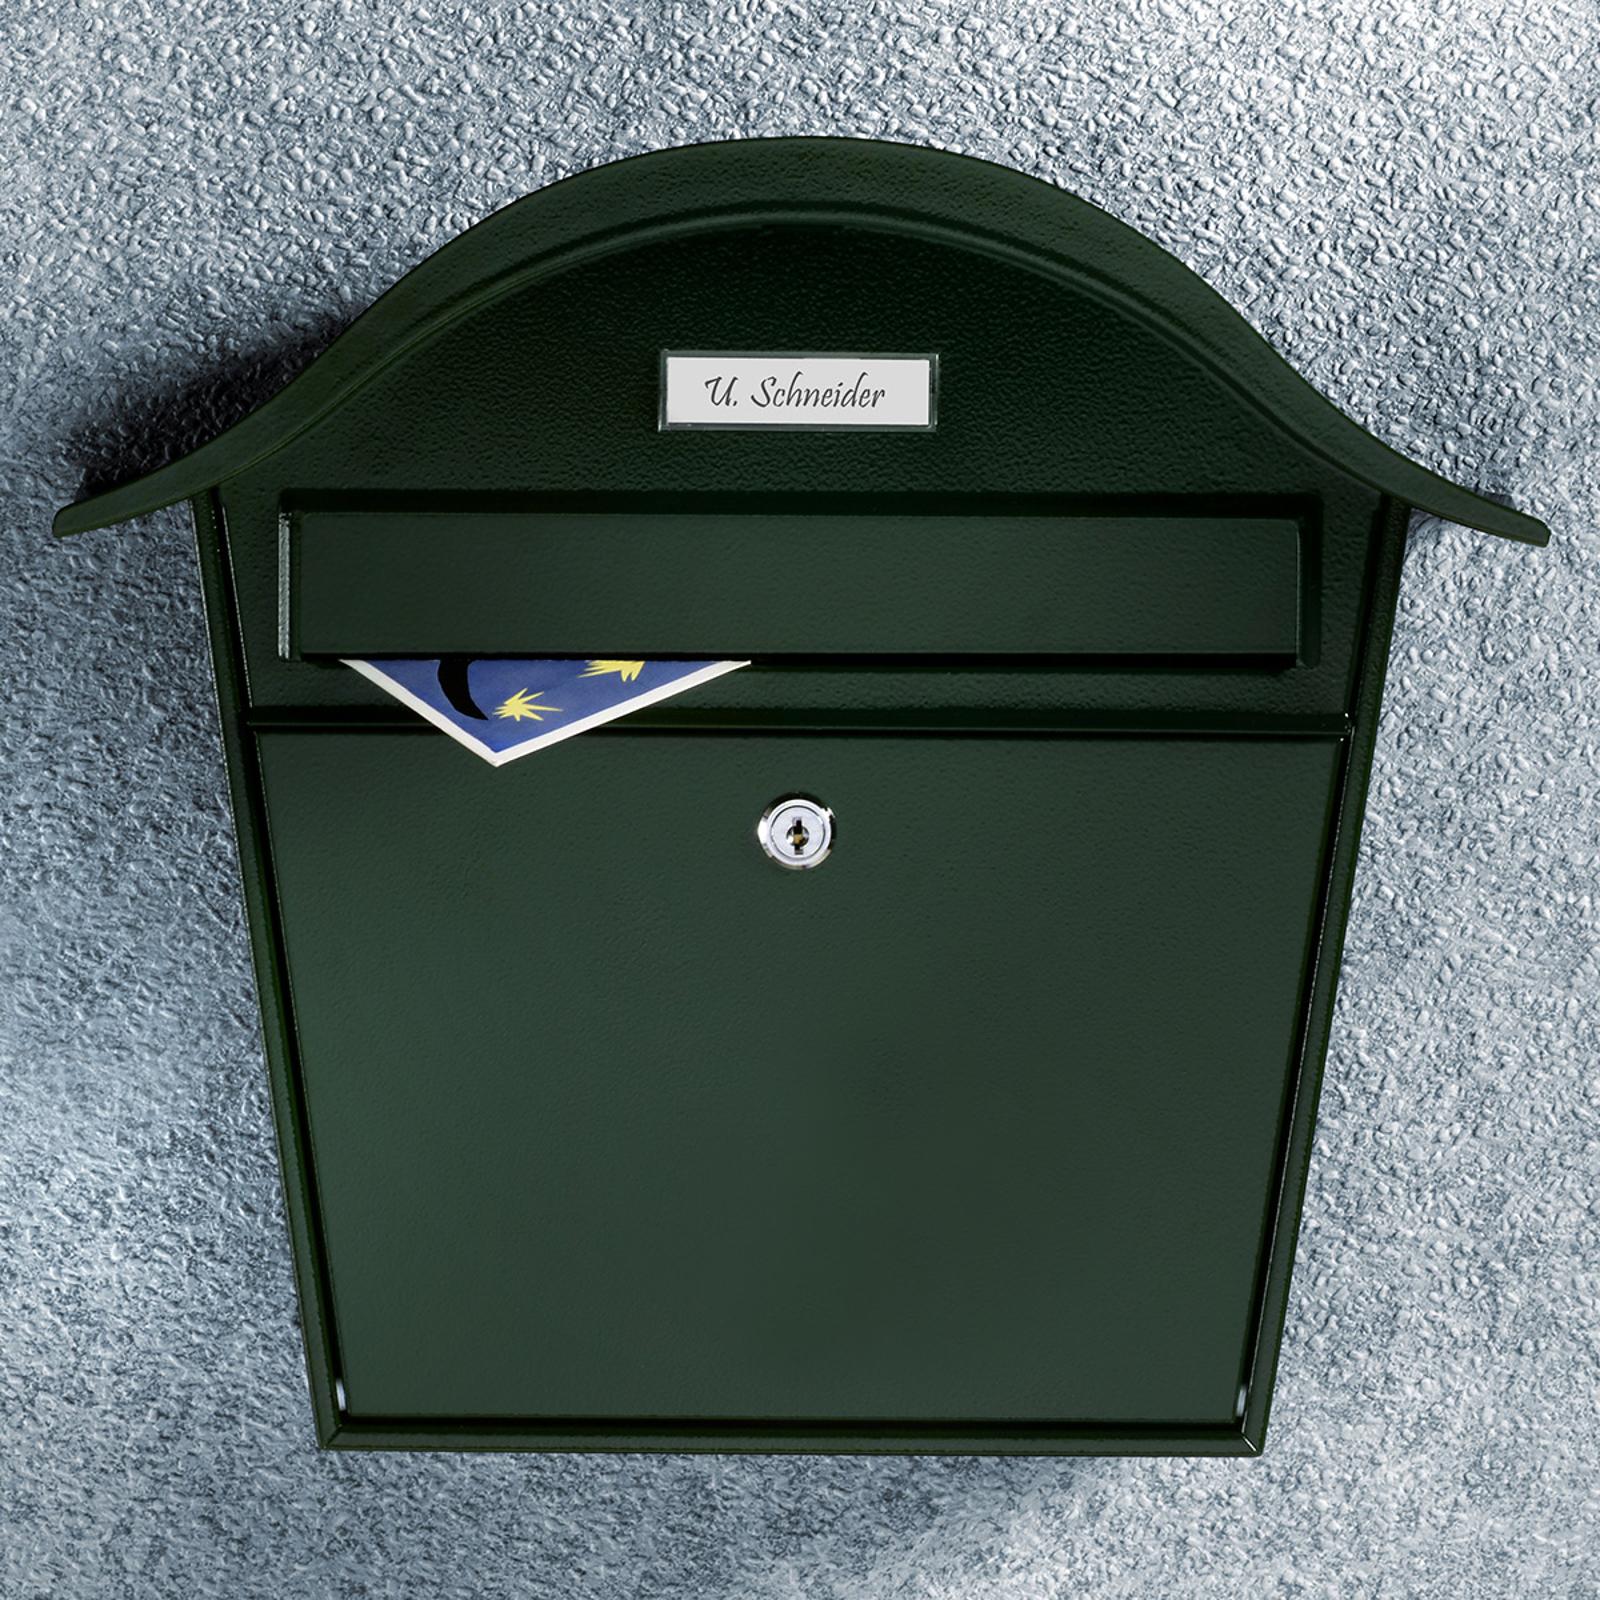 Groene brievenbus Holiday 5842 van staal